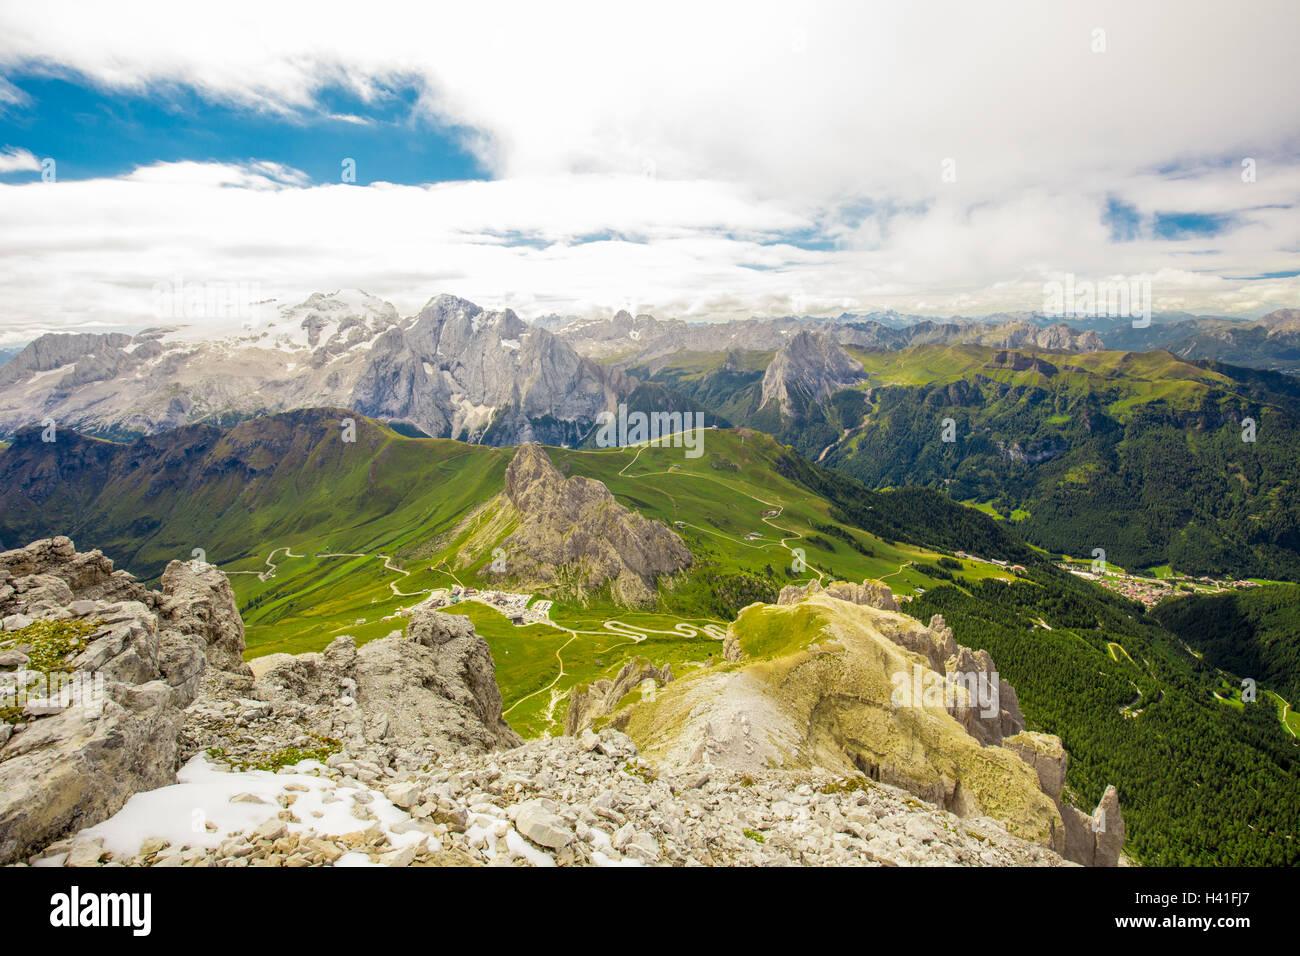 Pordoi pass mountain road and Marmolada mountain range seen from the Sass Pordoi plateau in Dolomites, Italy, Europe - Stock Image